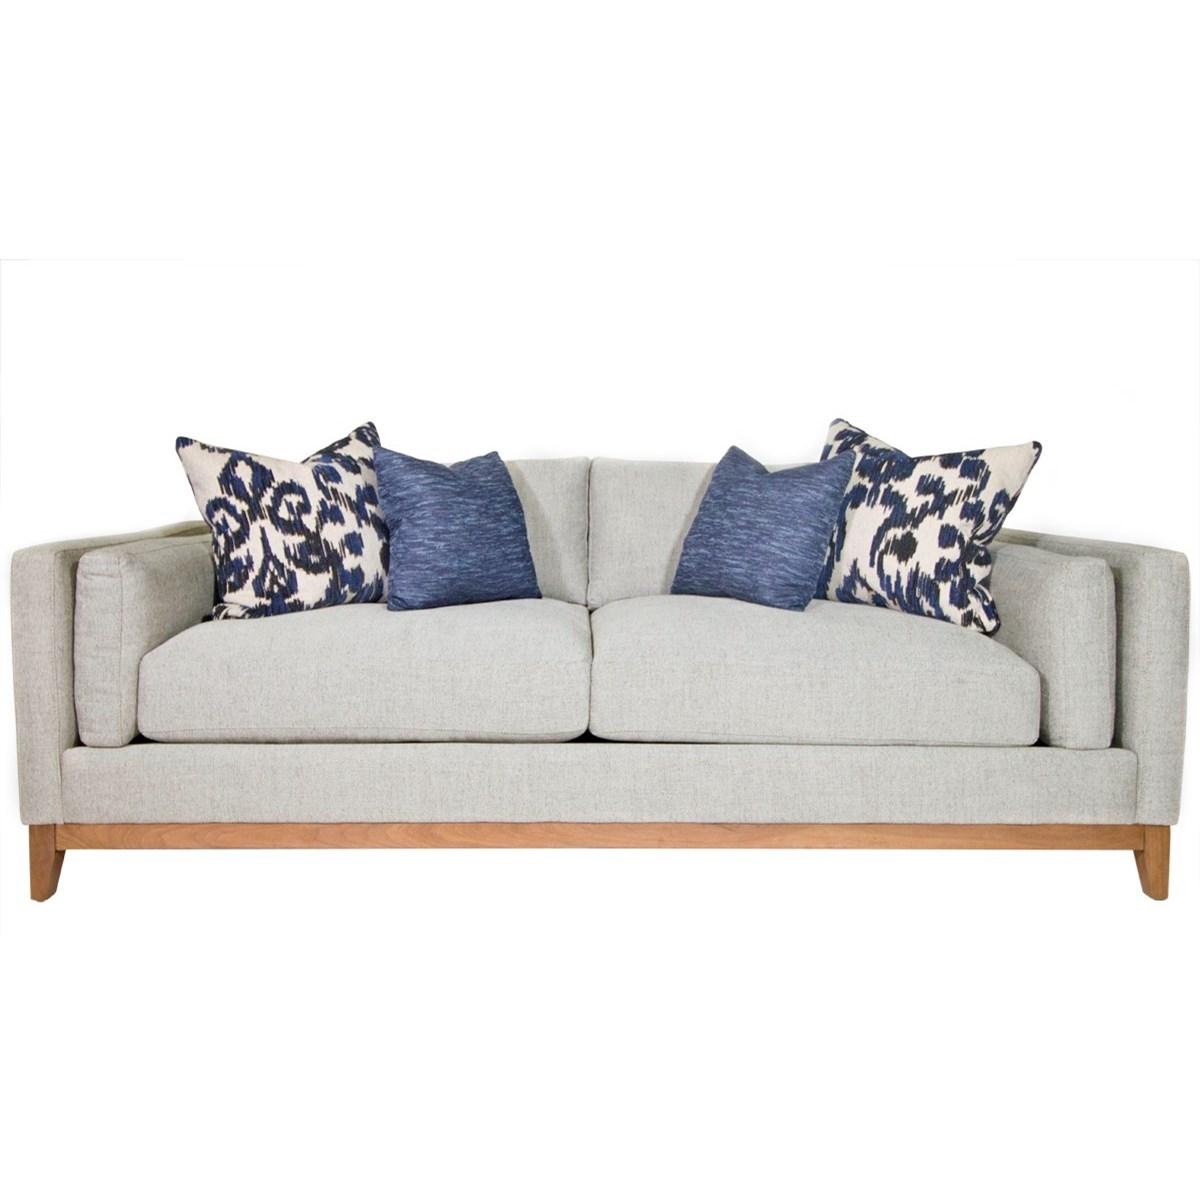 Jonathan Louis KelseyEstate Sofa ...